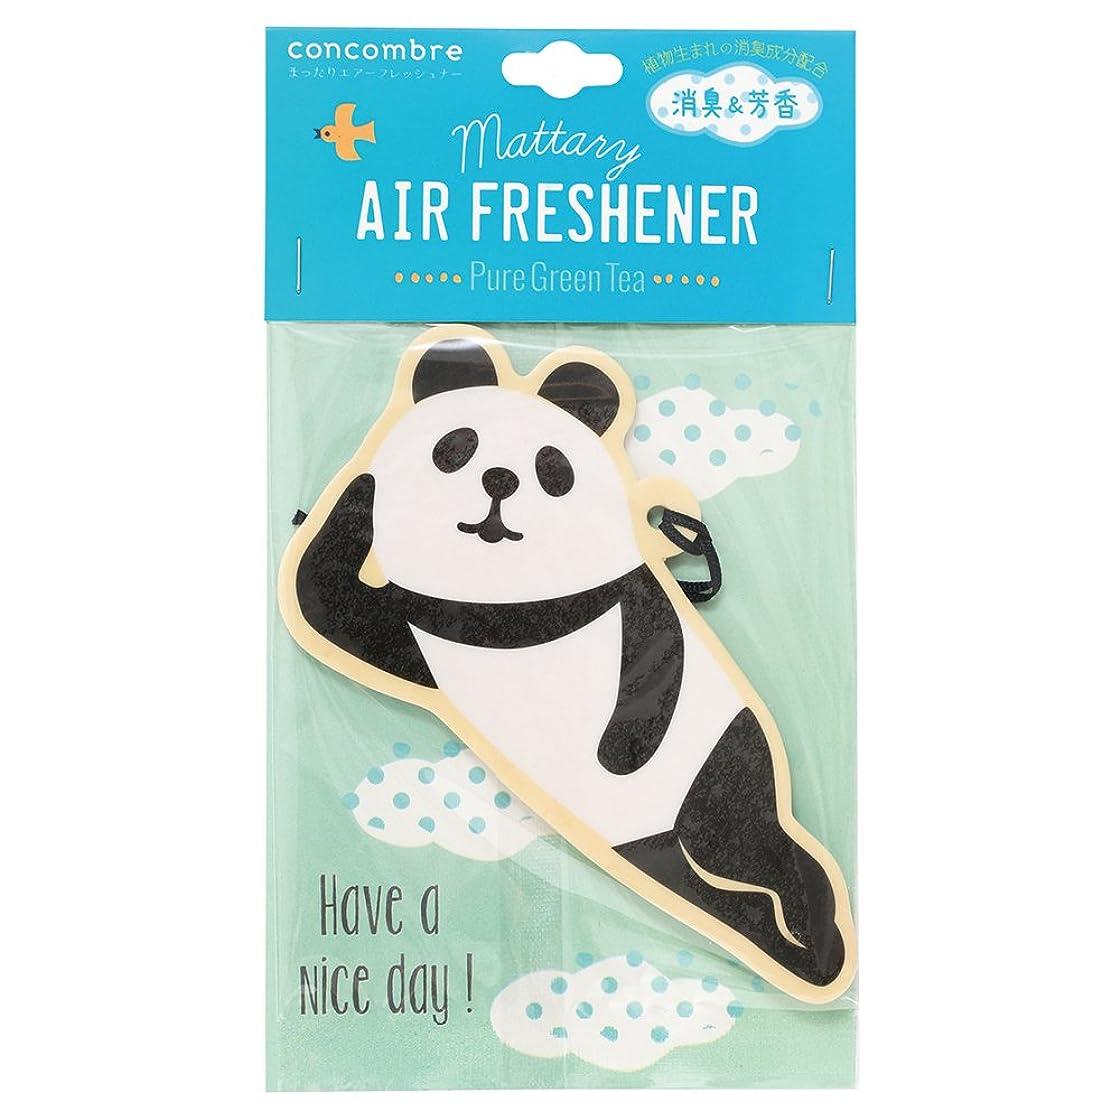 生物学マントアマゾンジャングルconcombre 芳香剤 まったりエアーフレッシュナー 吊り下げ 消臭成分配合 グリーンティーの香り OA-DKA-5-4